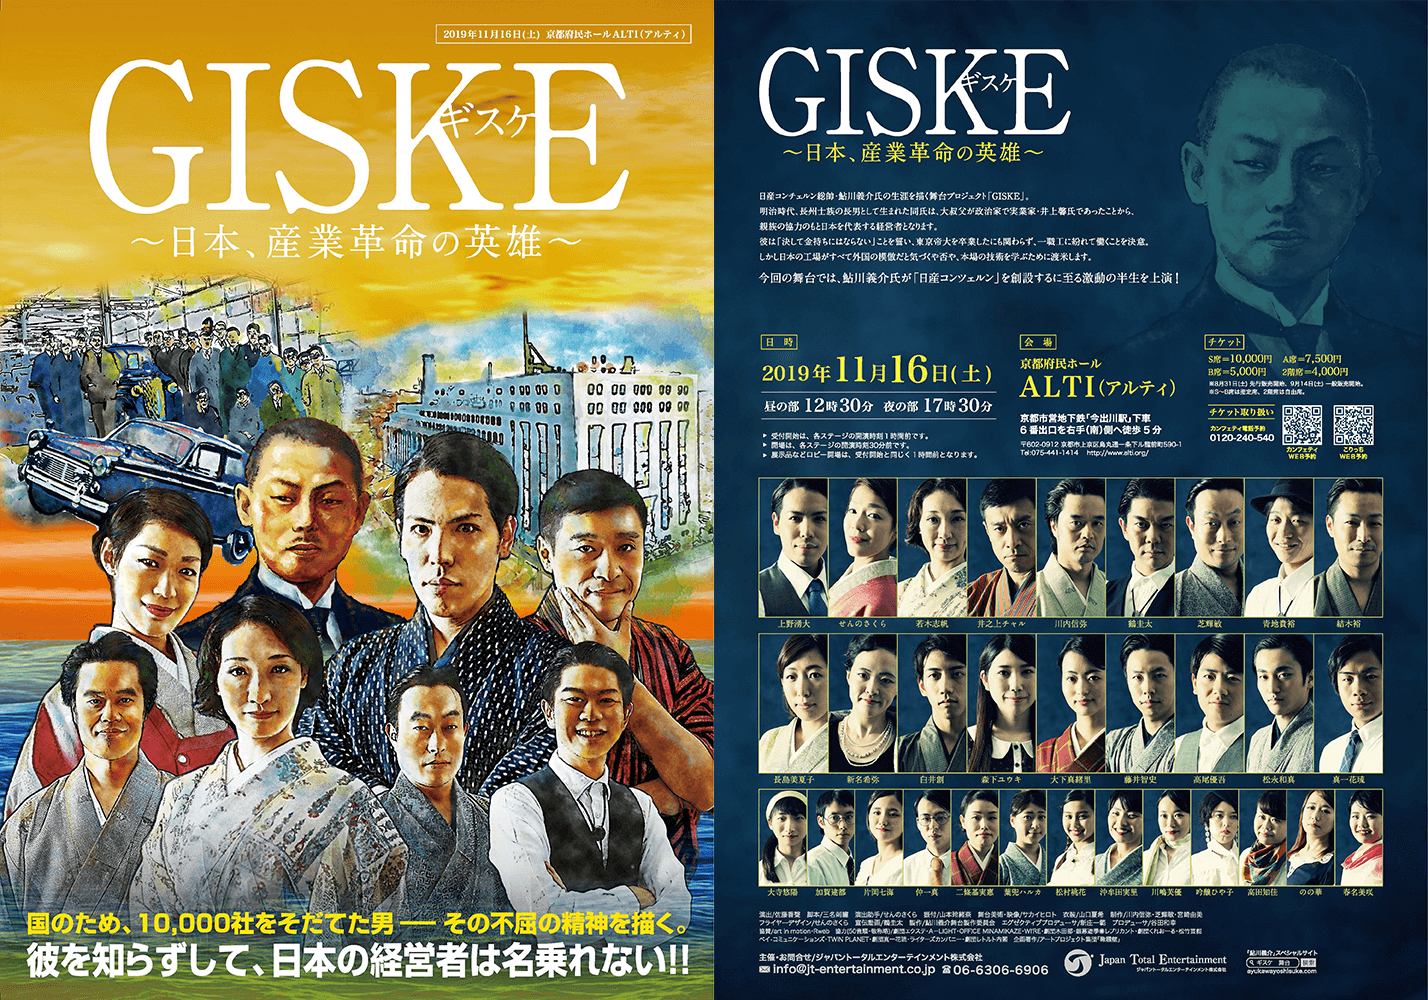 【公演情報】日産コンチェルン総帥・鮎川義介氏の生涯を描く舞台プロジェクト「GISKE ギスケ」を2019年11月16日(土)に公演します!